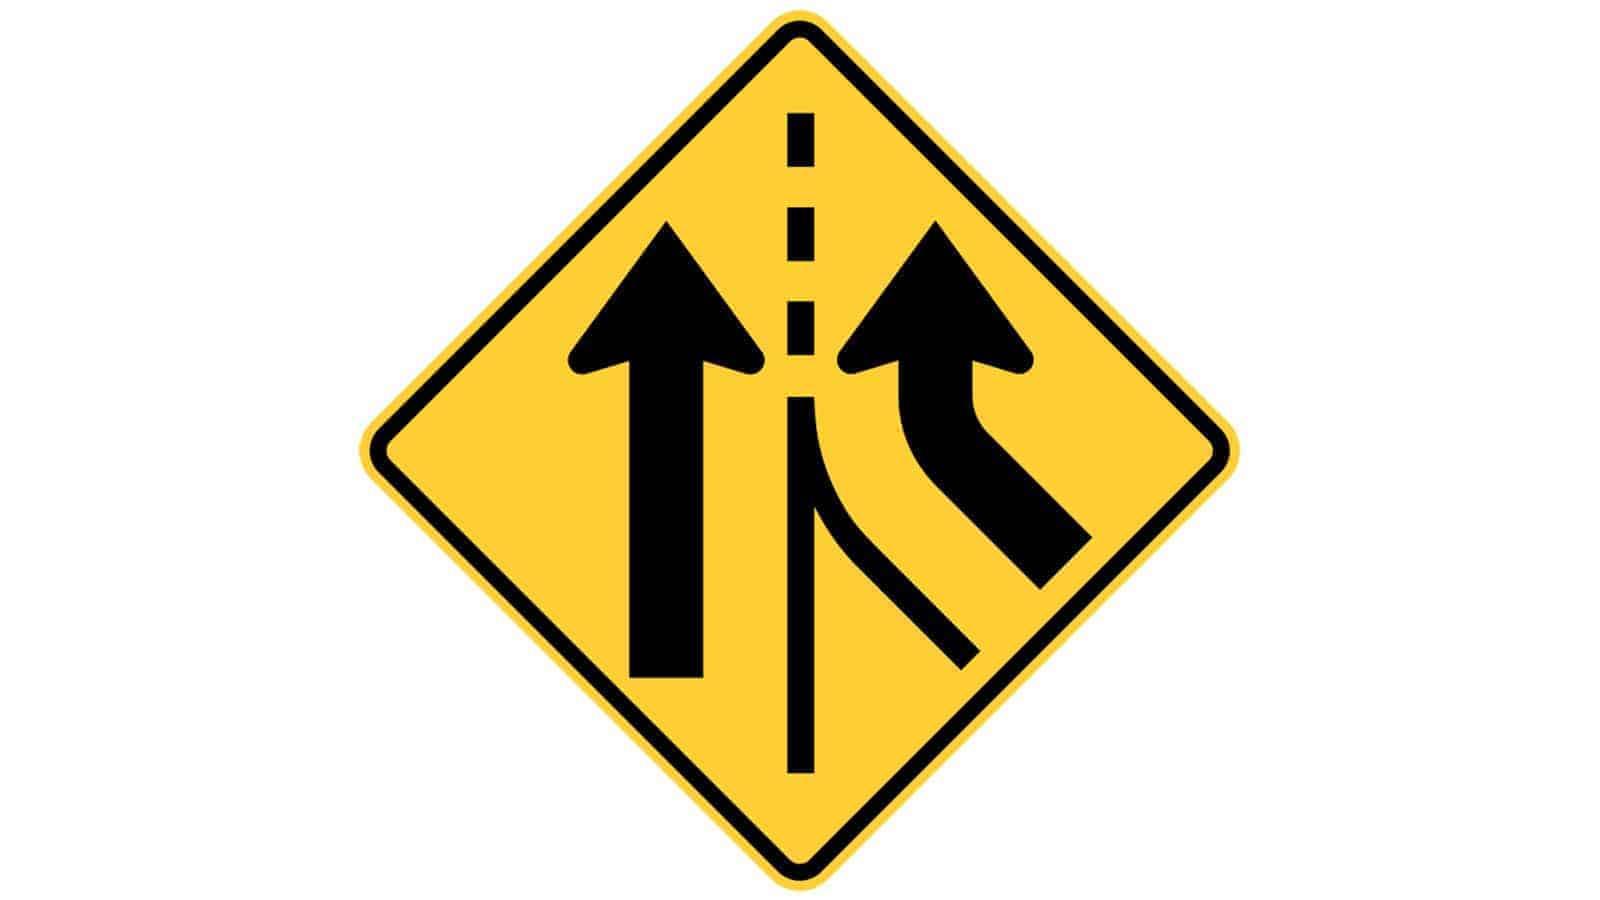 Warning sign Added Lane (Via Merge)